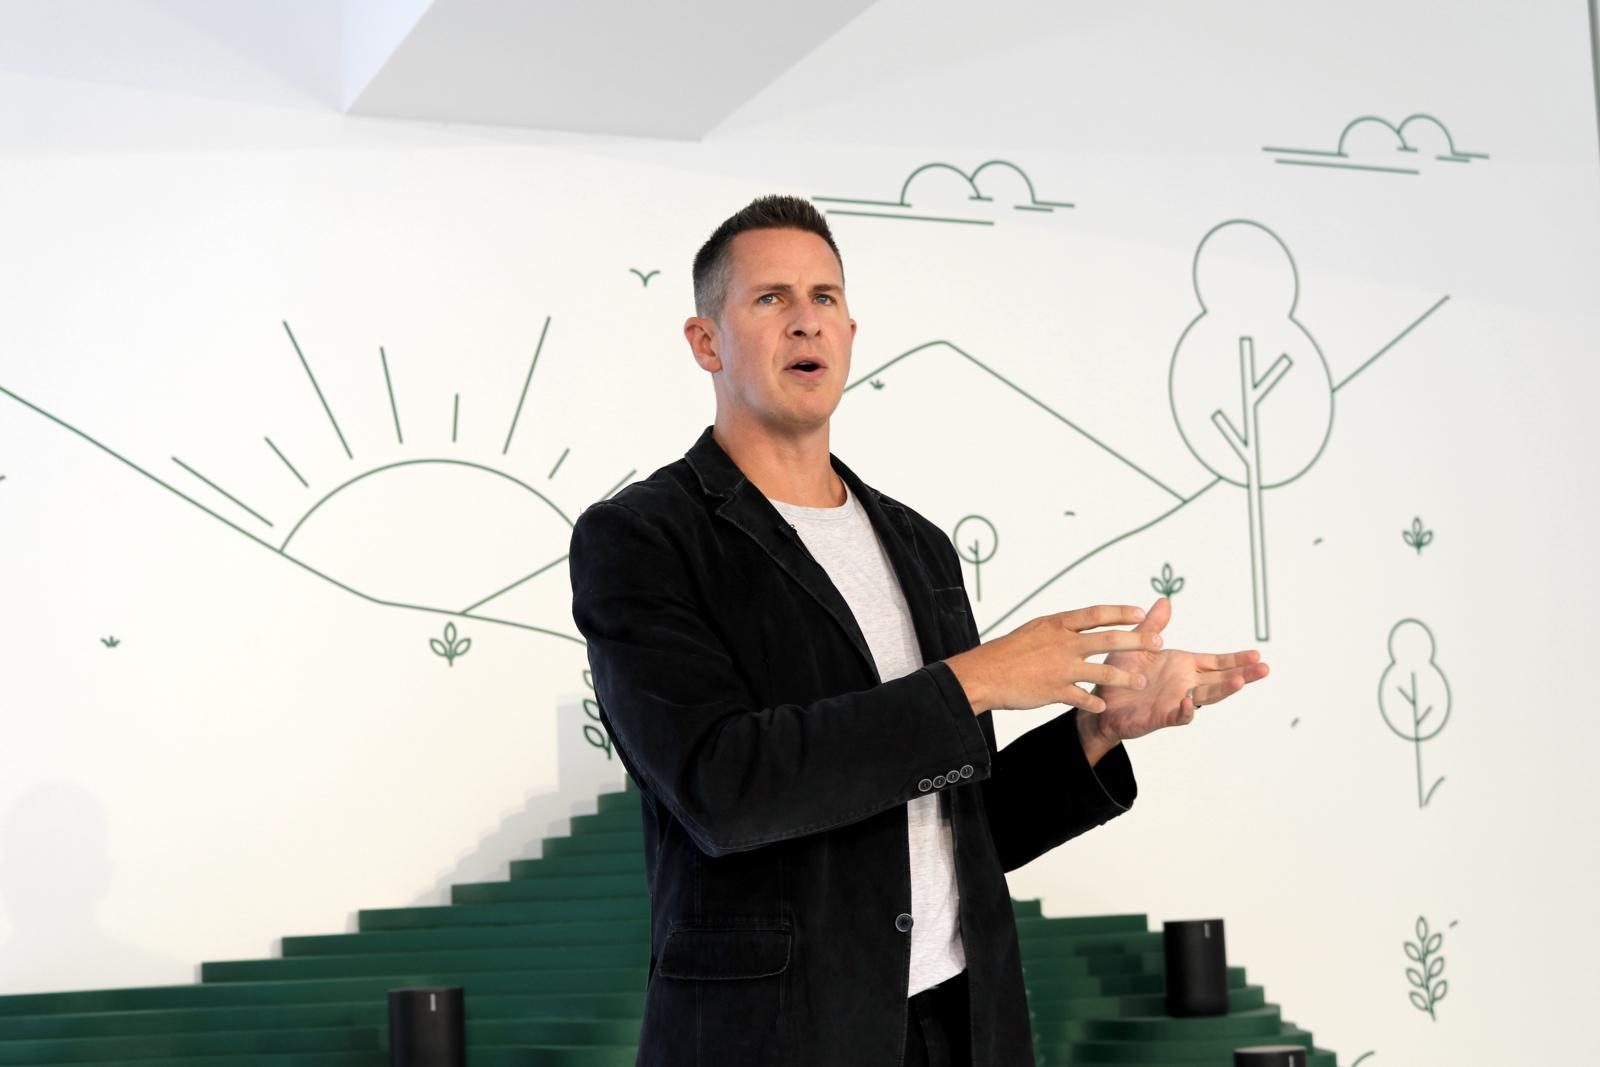 Sonos CEO Patrick Spence Berlin 2019